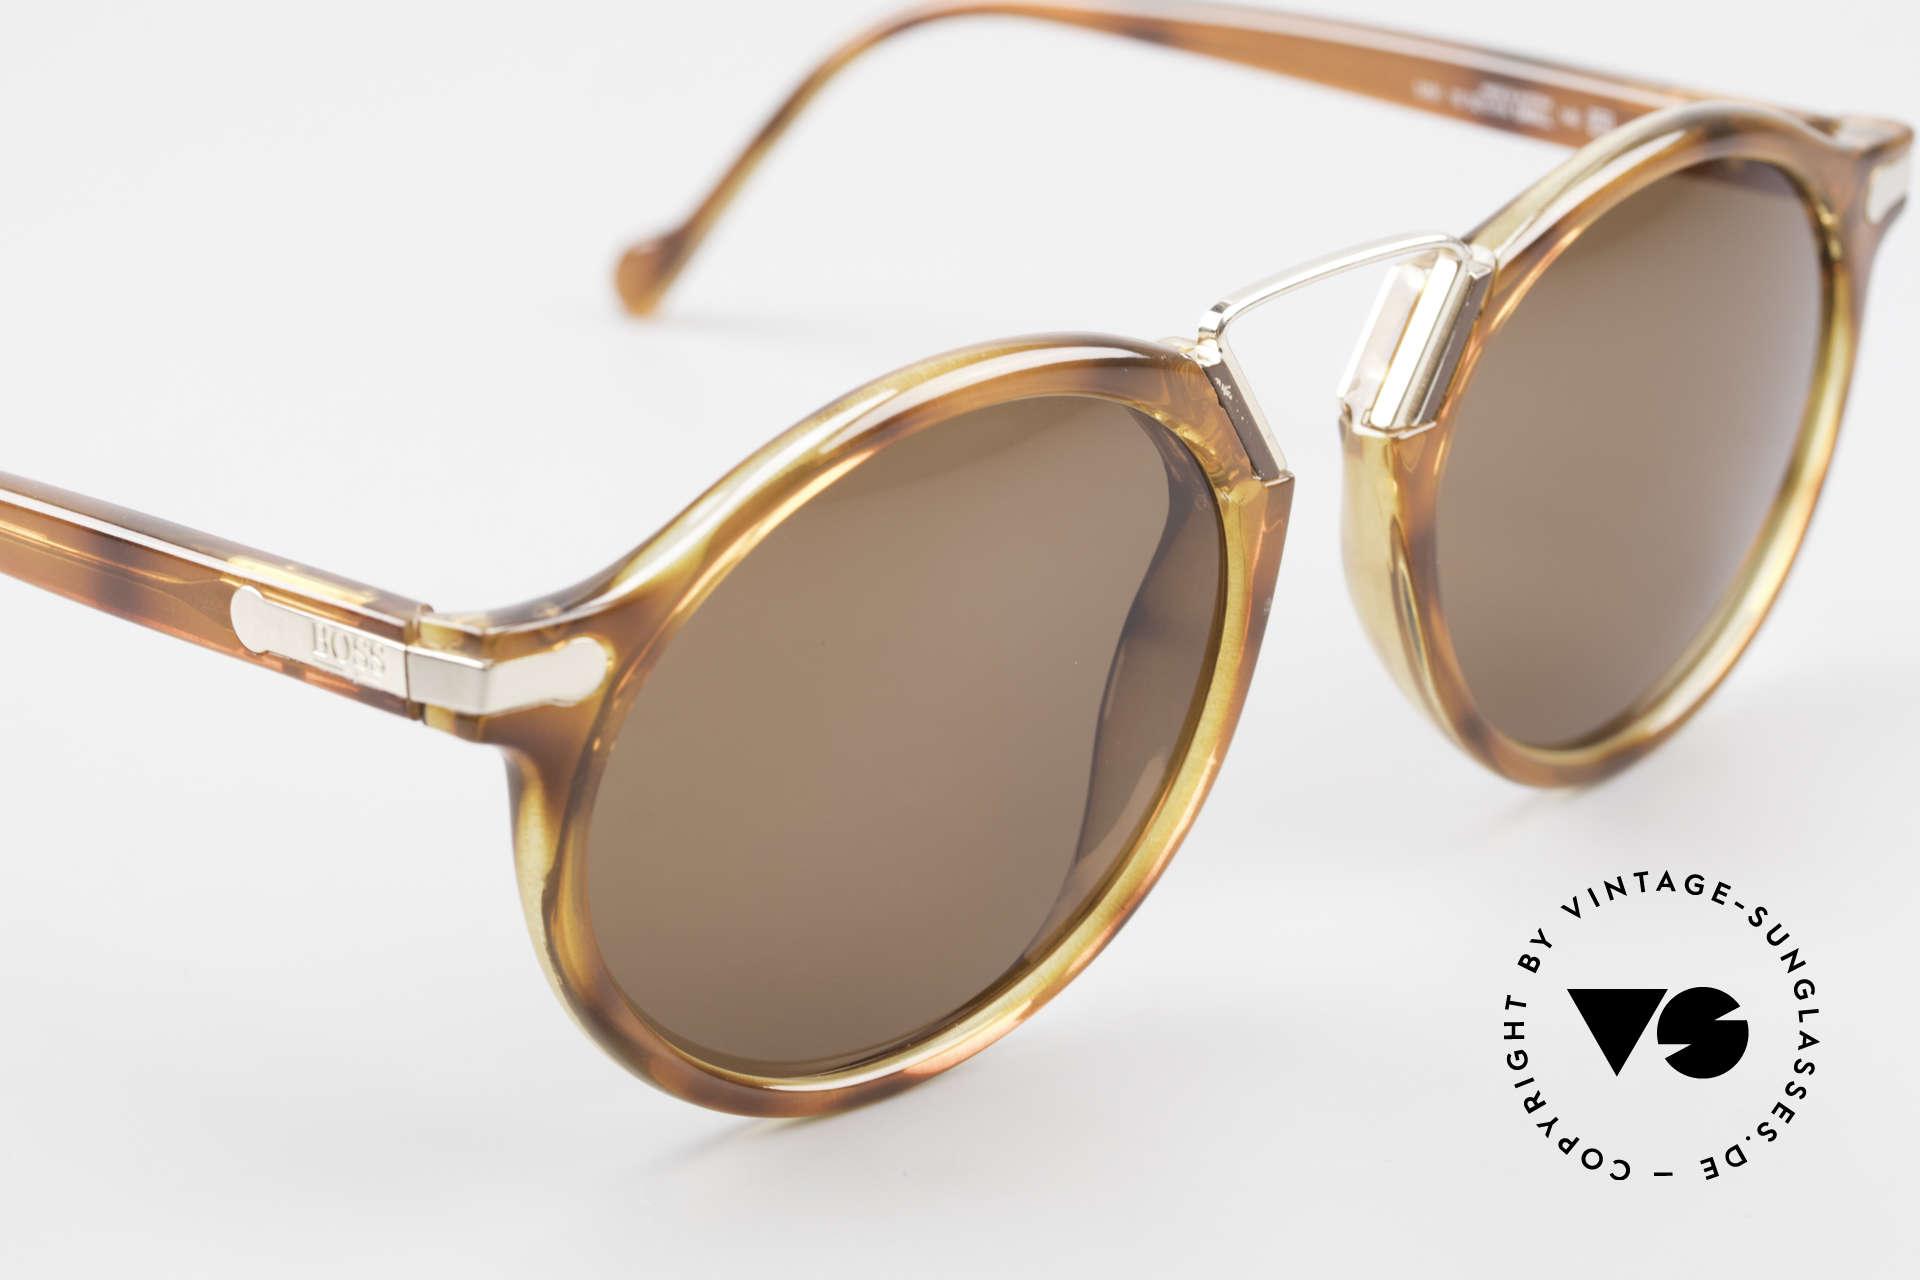 BOSS 5151 90er Panto Style Sonnenbrille, unbenutztes vintage Einzelstück (kostbar & selten), Passend für Herren